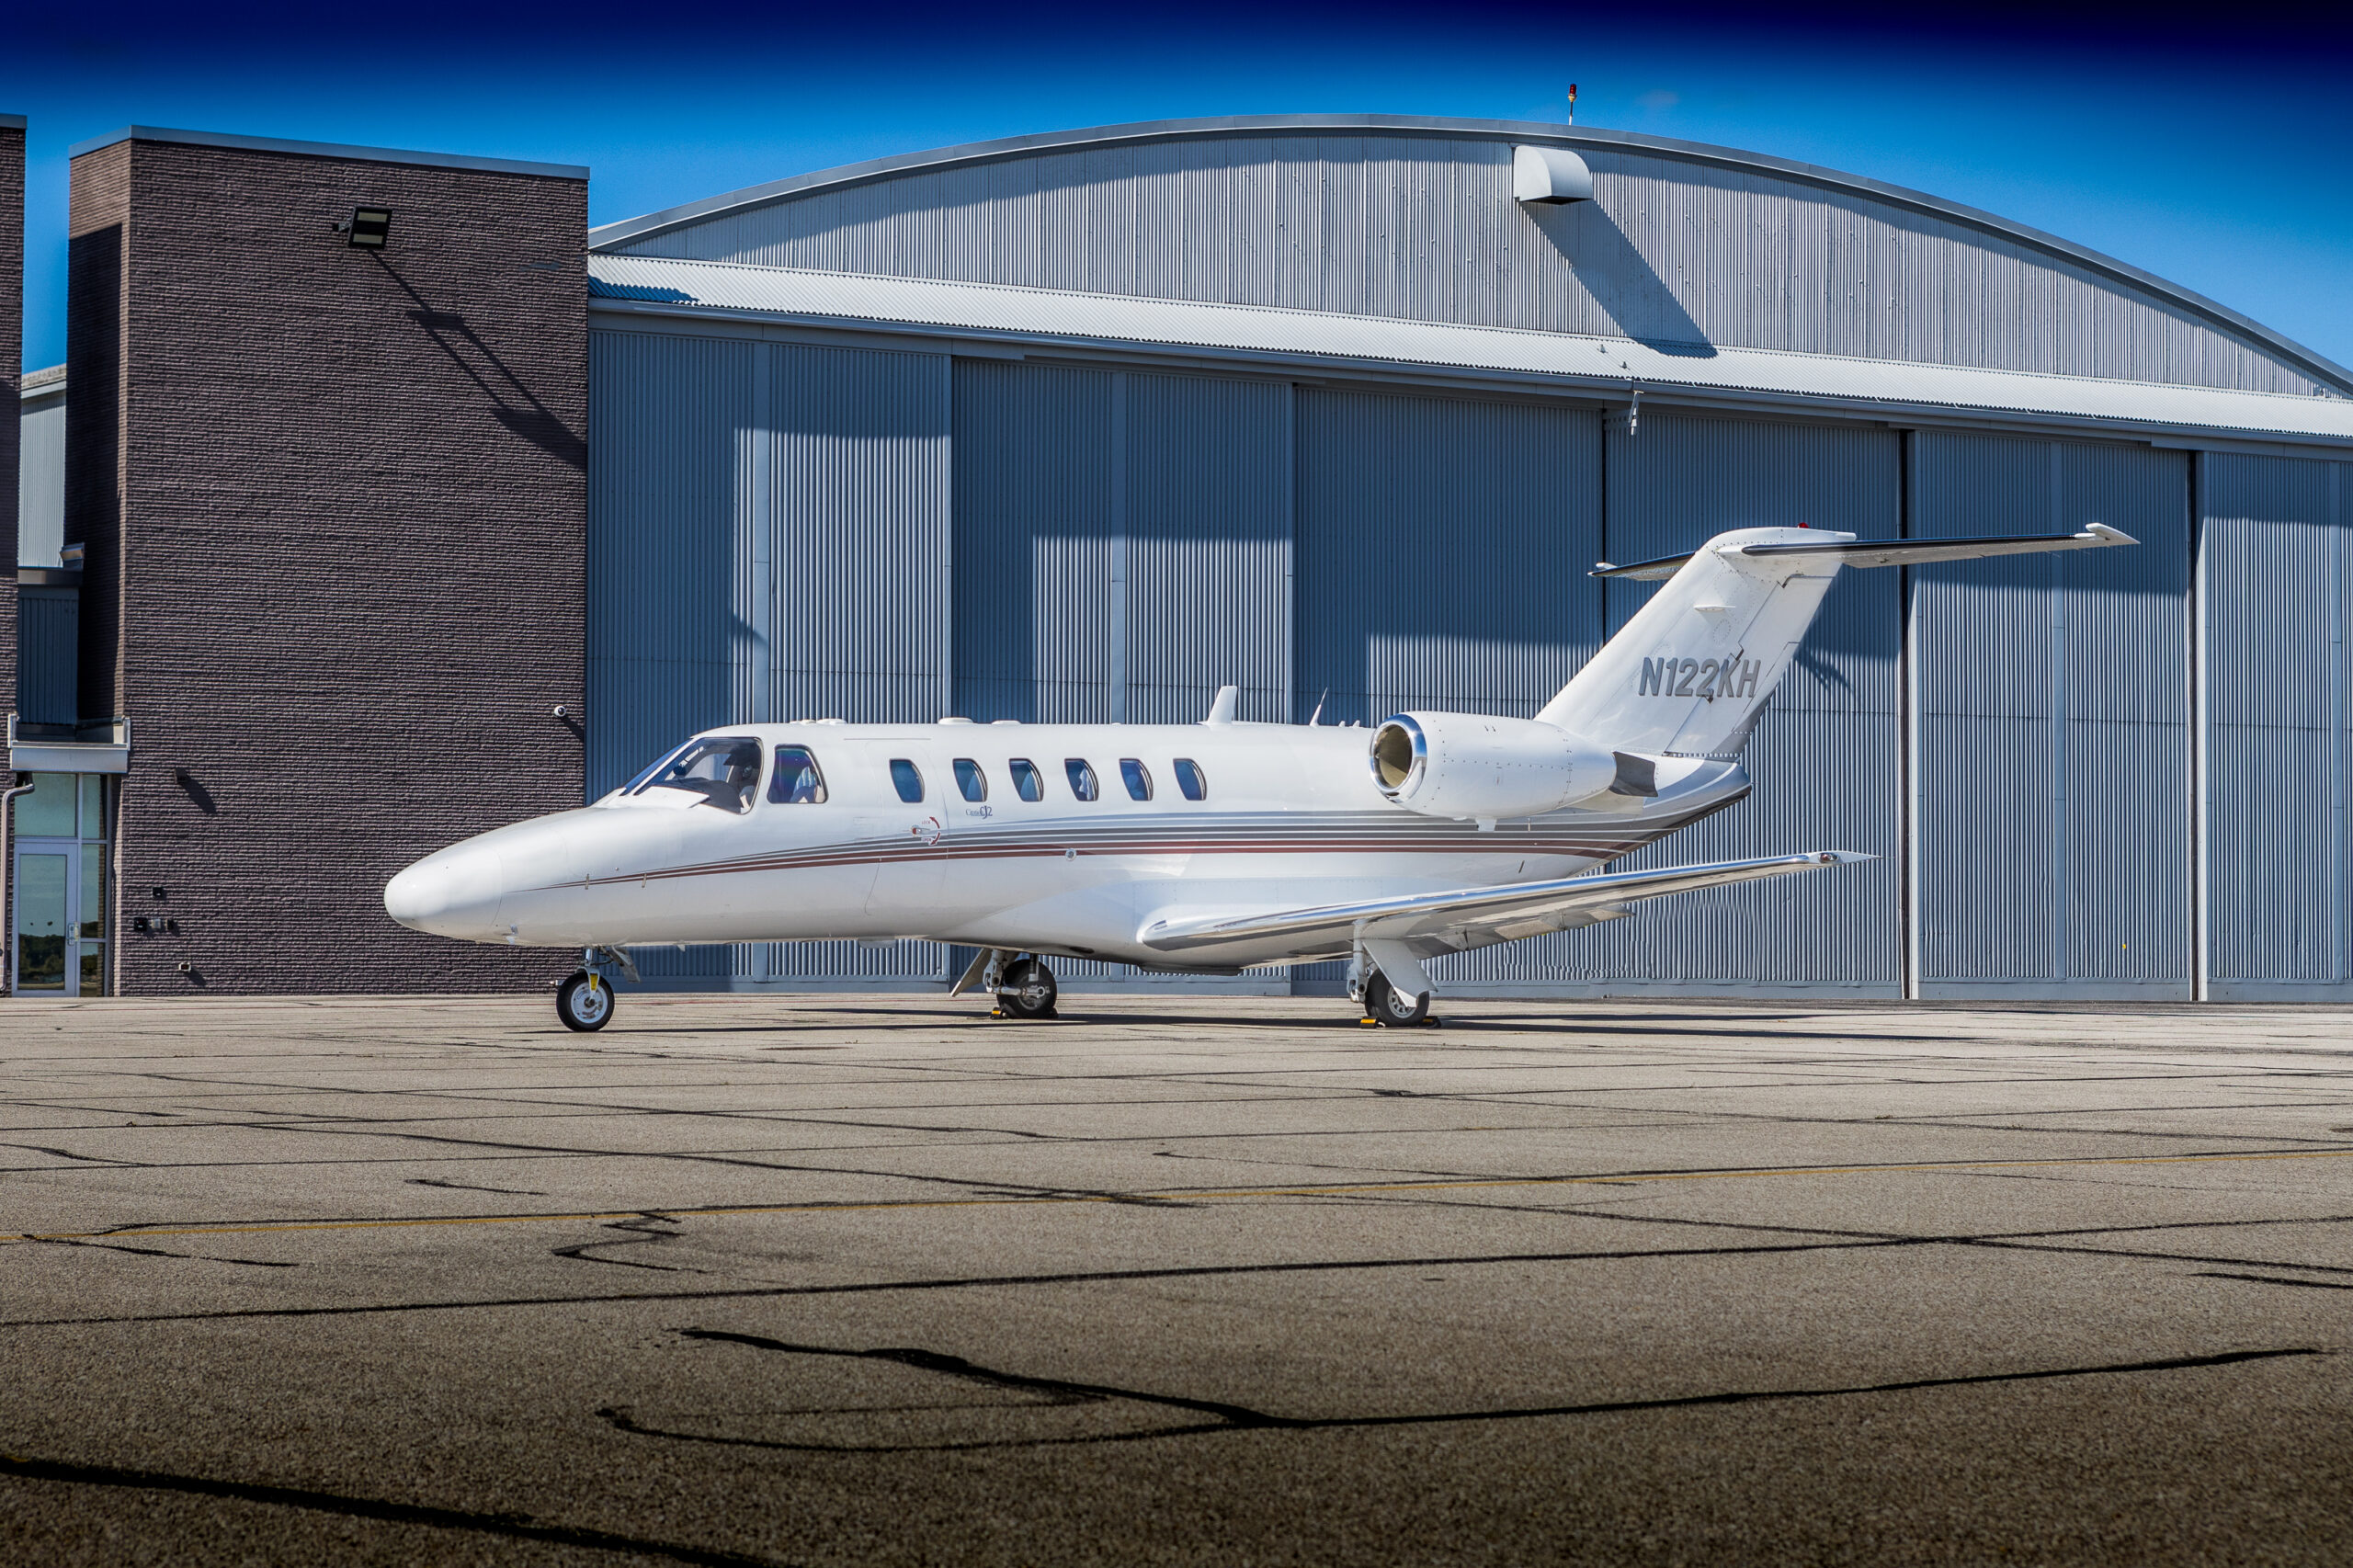 jszone CessnaCJ2 04 scaled - Cessna Citation CJ2